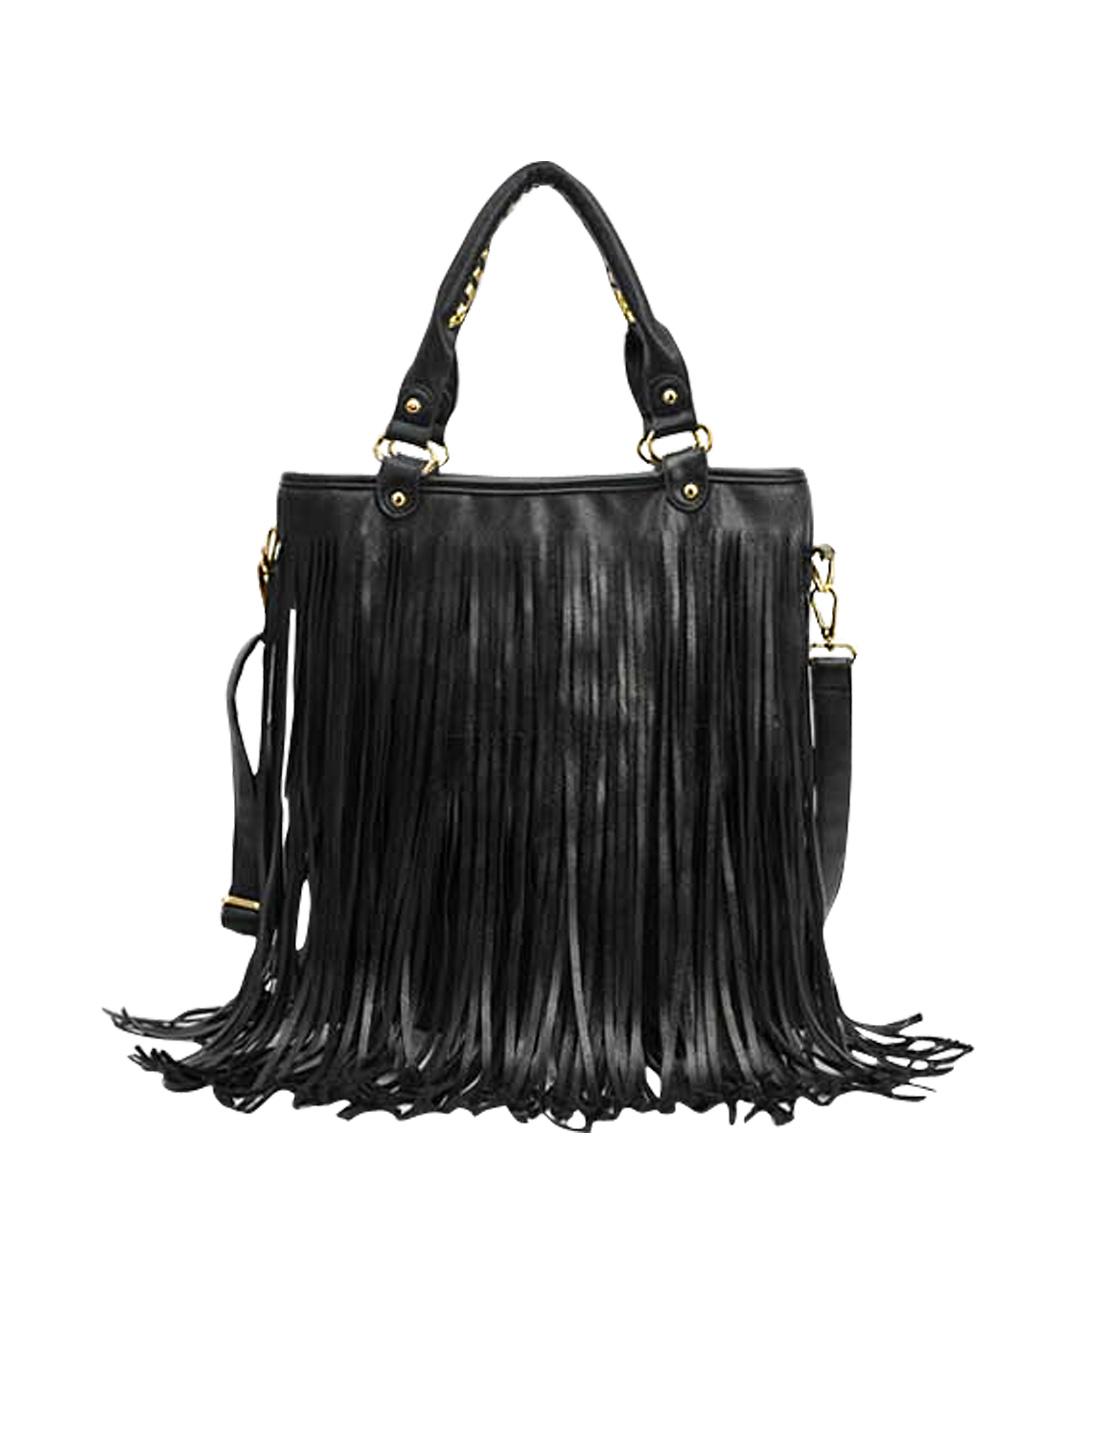 Fashion Women Punk Tassel Fringe Handbag Tote Satchel Messenger Shoulder Bag Black